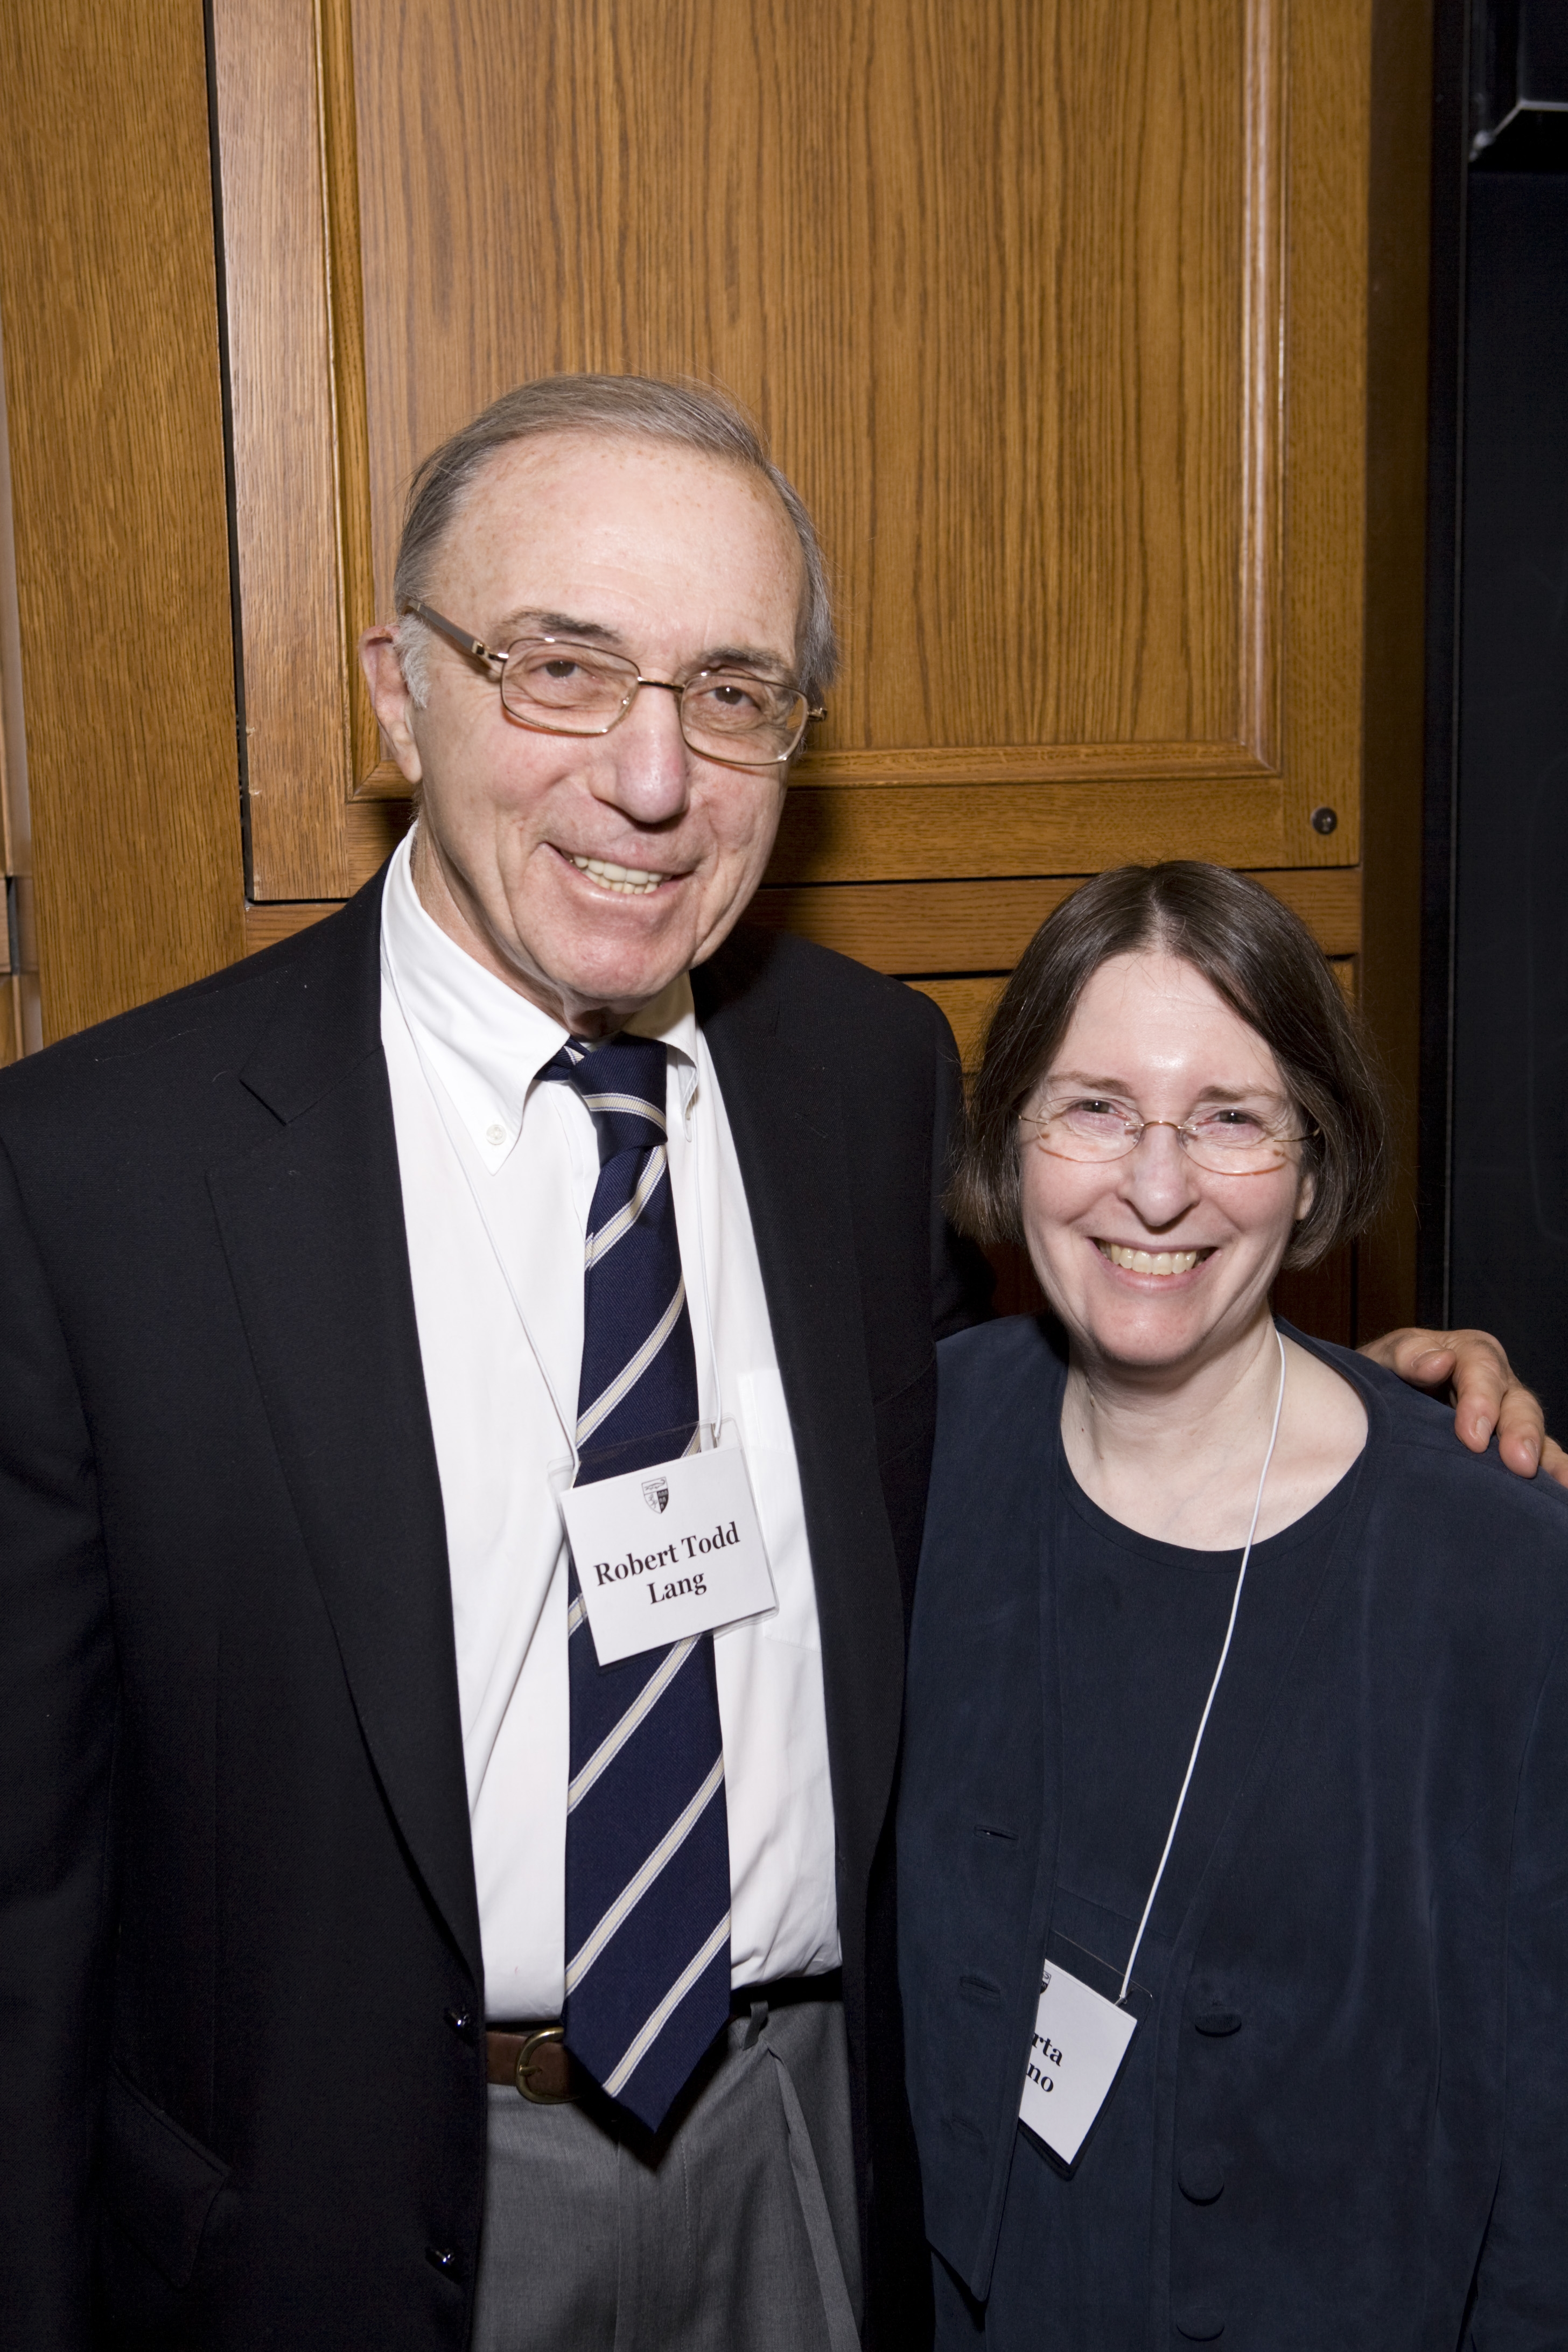 Robert Todd Lang '47 and YLS Prof. and Center Dir. Roberta Romano '80